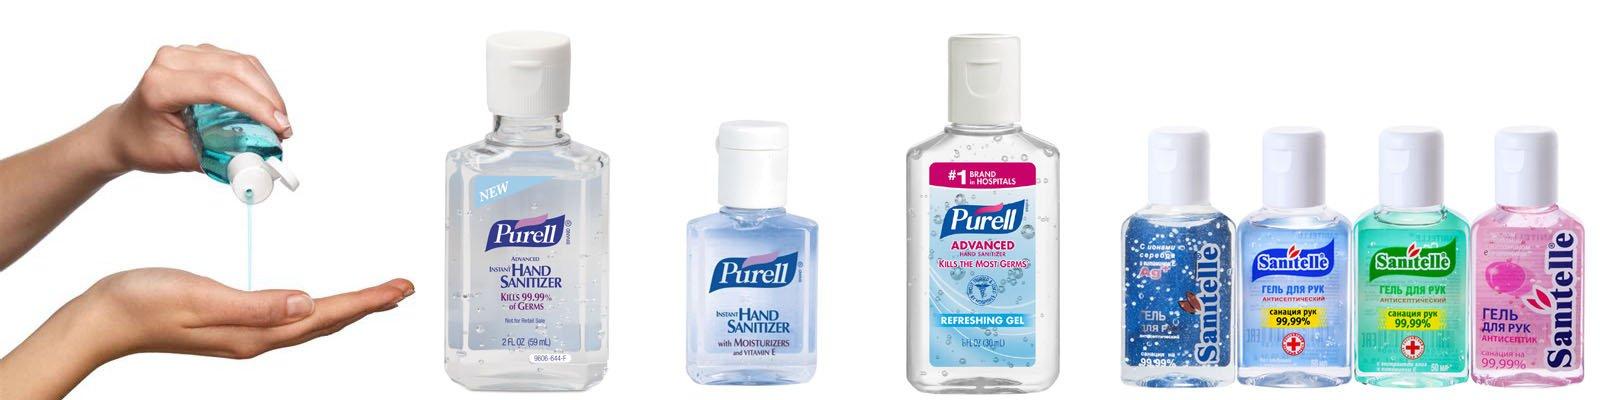 Episode 57 - Hand Sanitizer Bottles